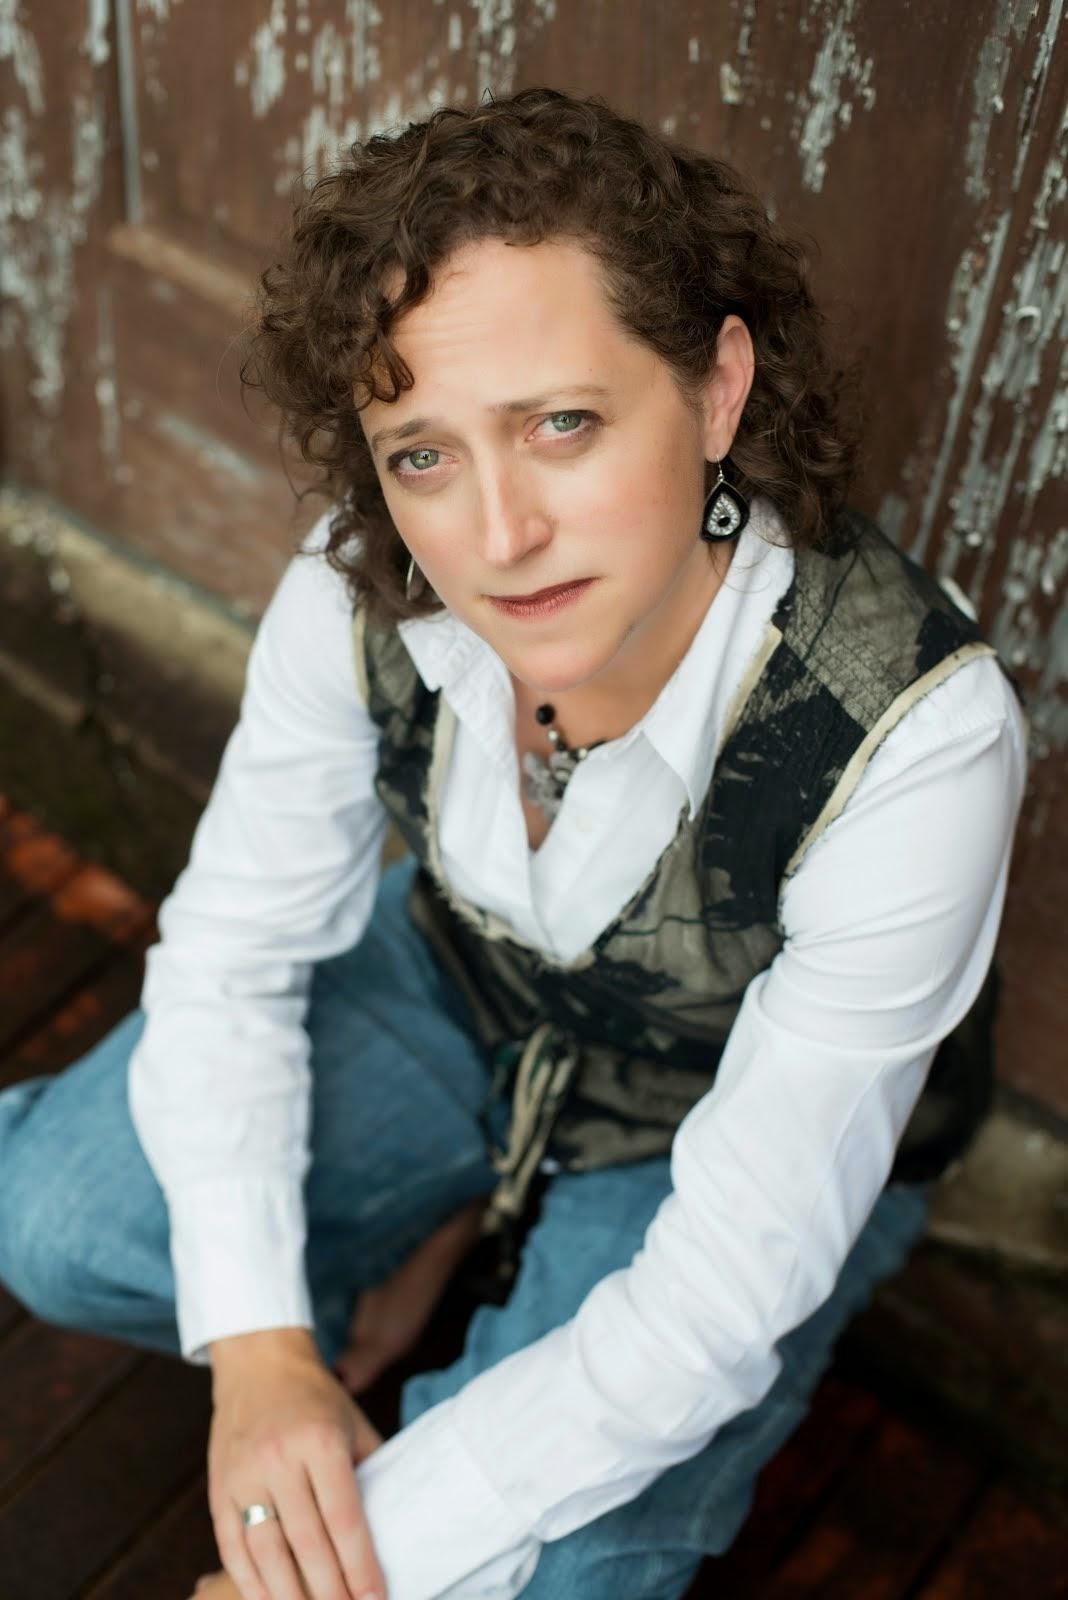 Lori Sealy